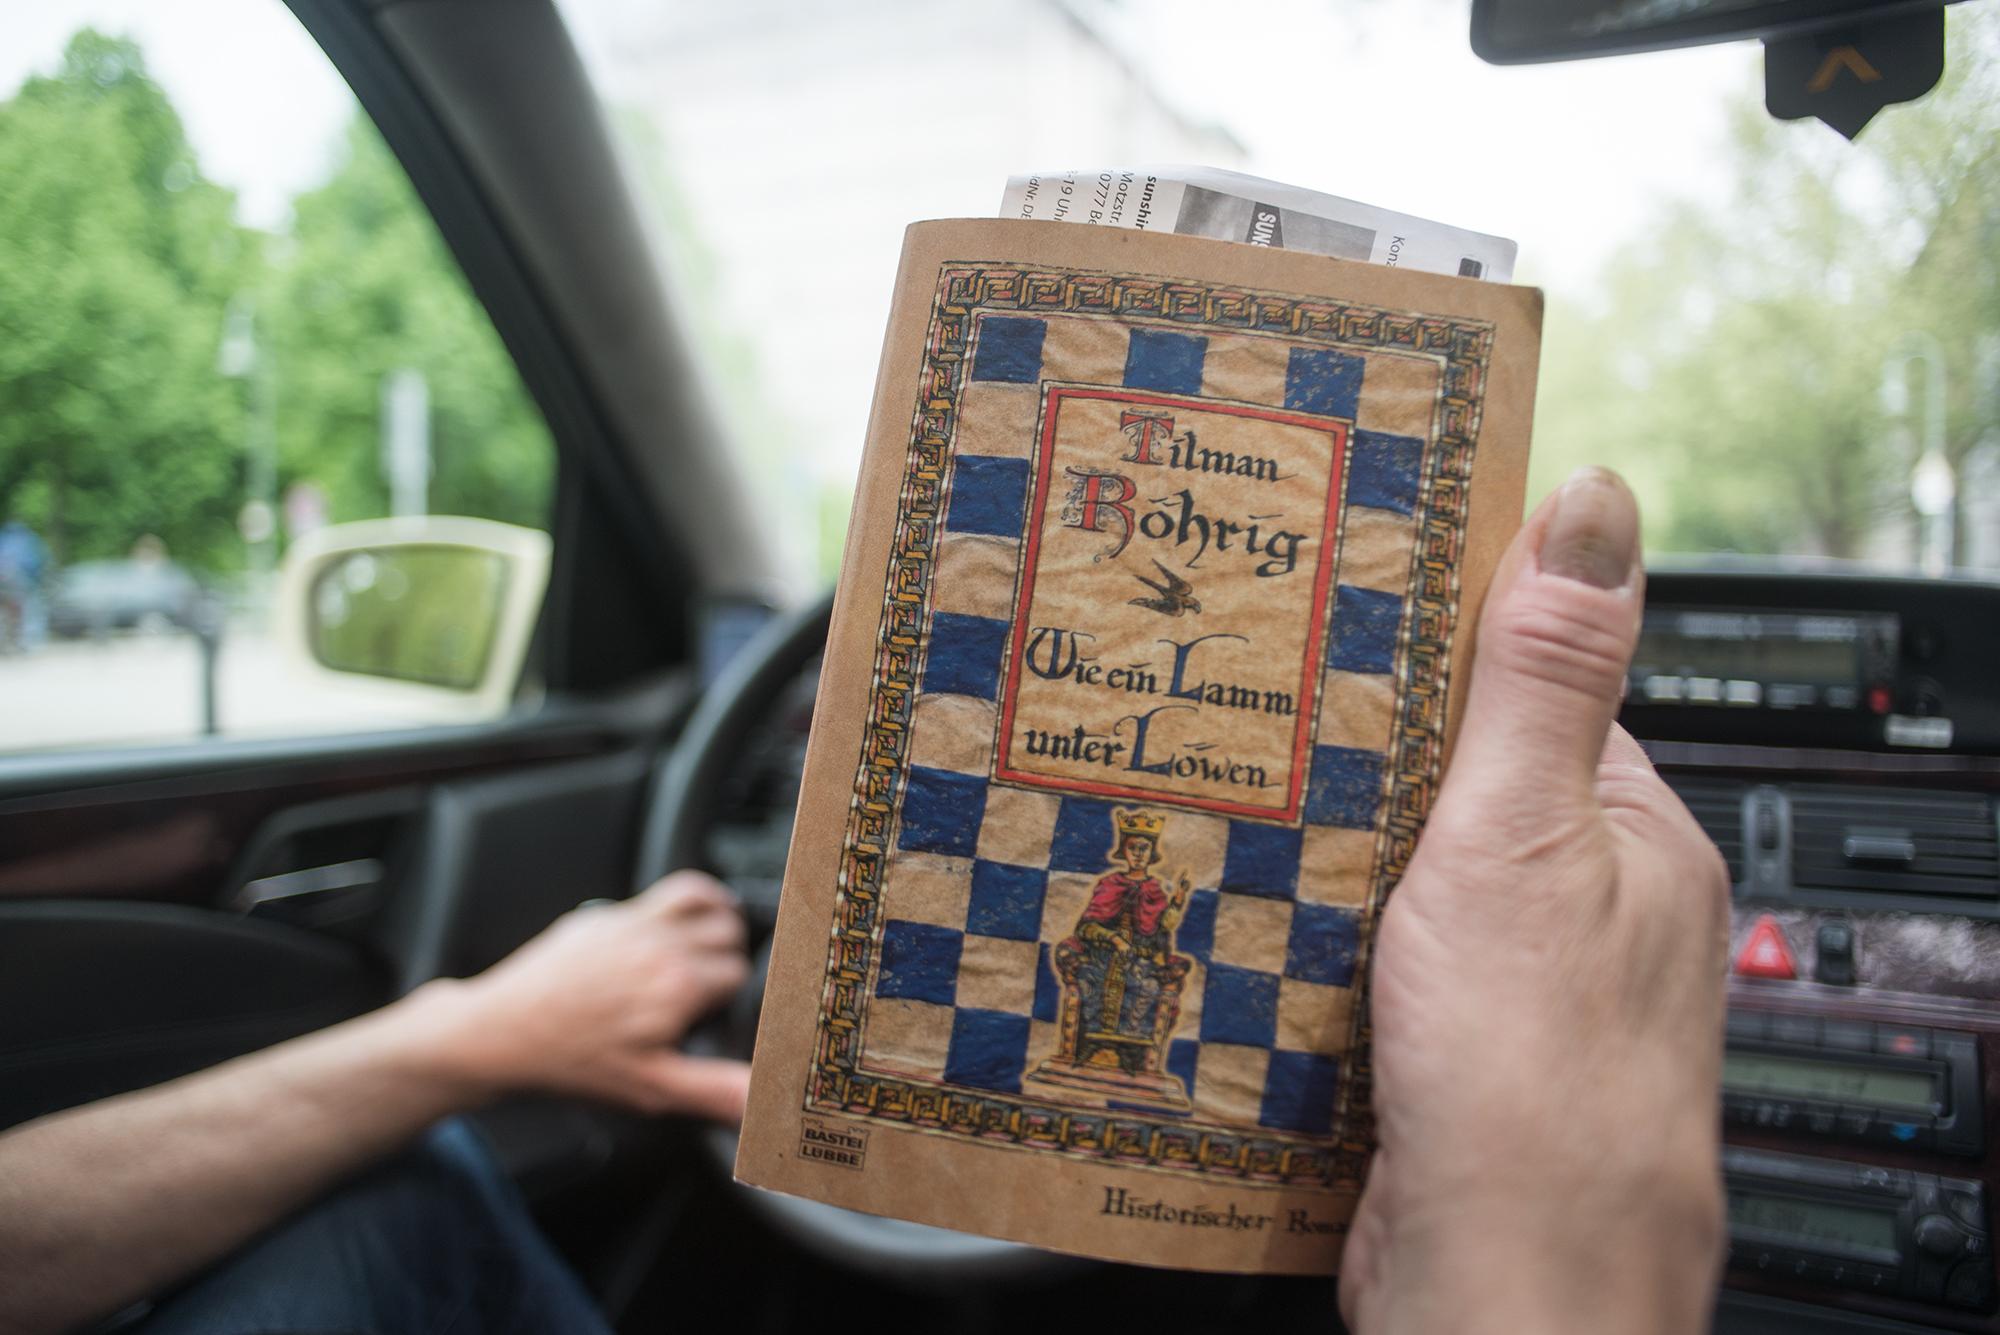 Abbildung Buch, Pausenlektüre von Peter, wie ein Lamm unter Löwen